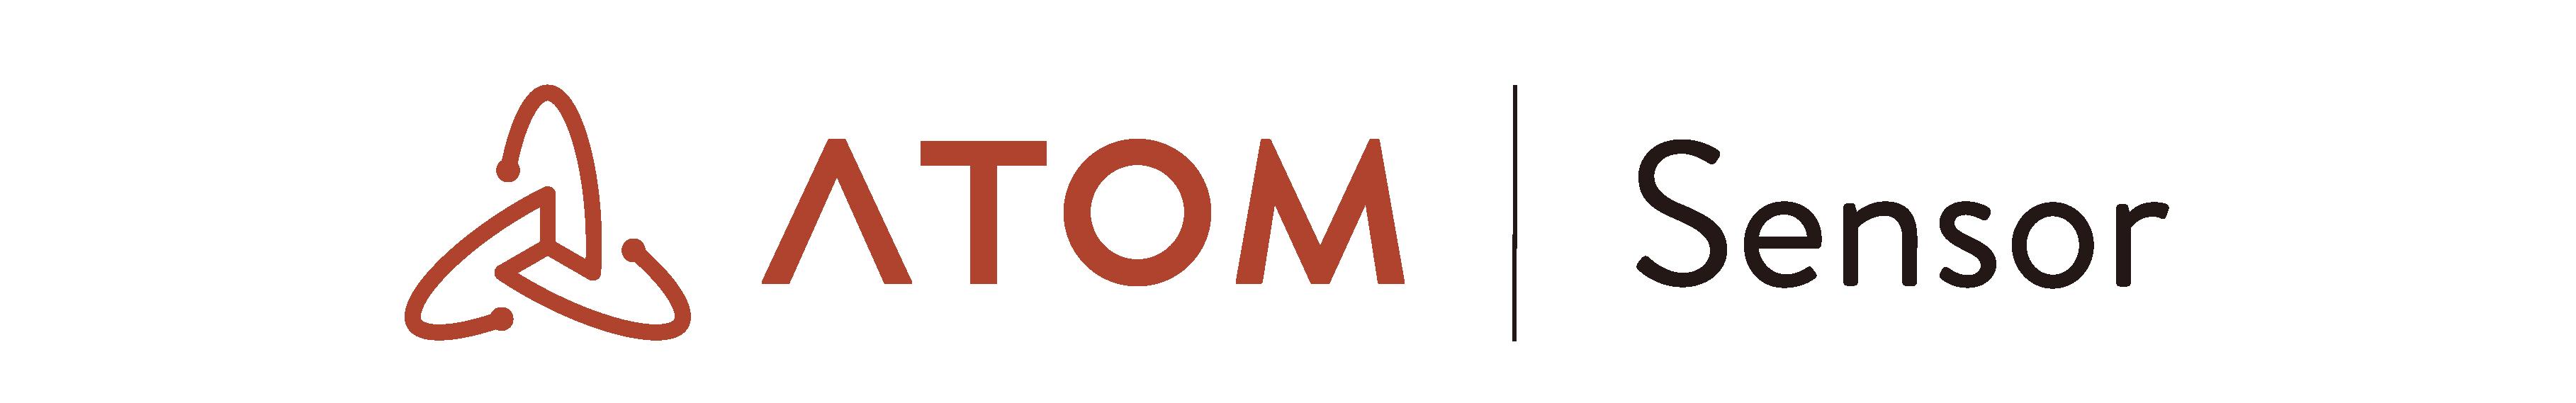 ATOM Sensor